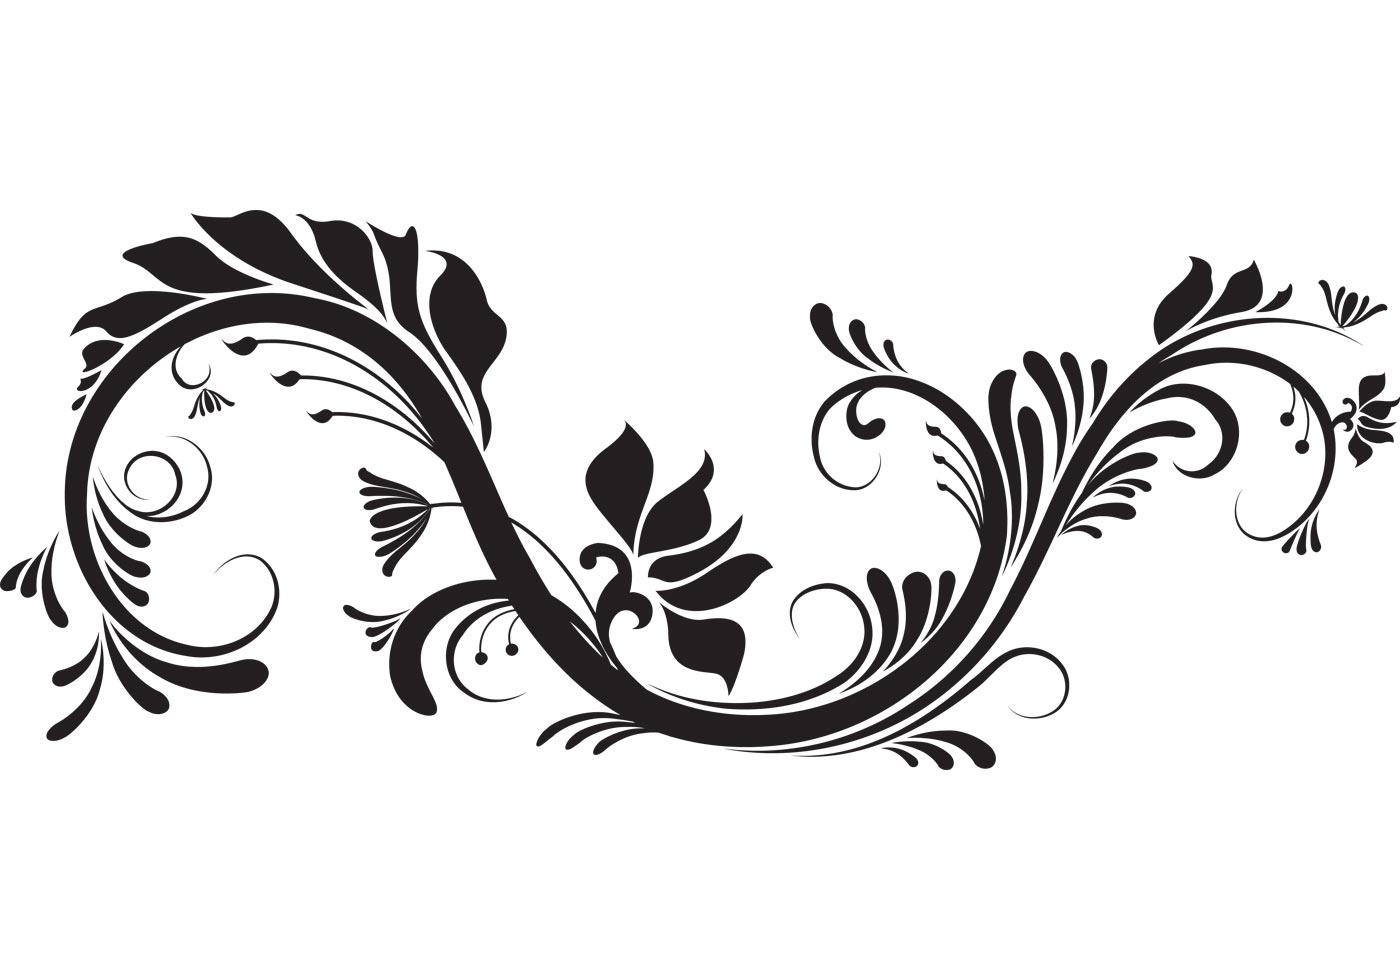 decorative vector ornament download free vector art. Black Bedroom Furniture Sets. Home Design Ideas